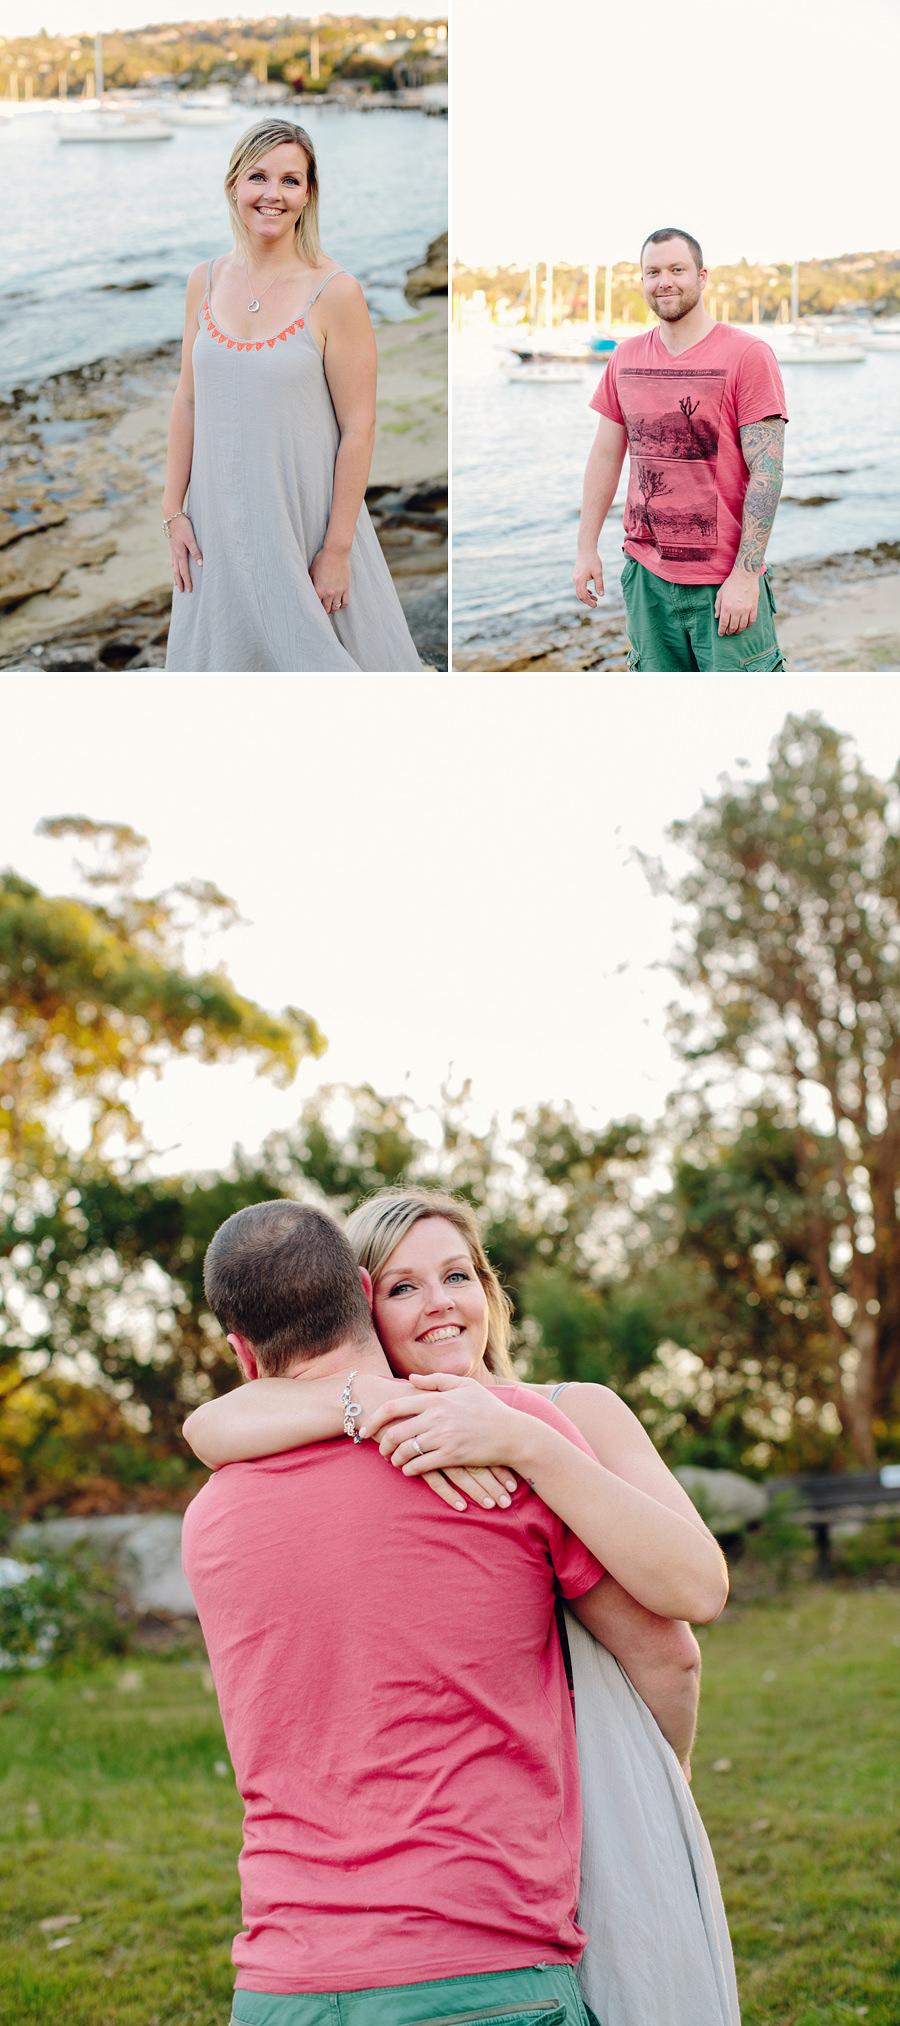 Nielsen Park Engagement Photography